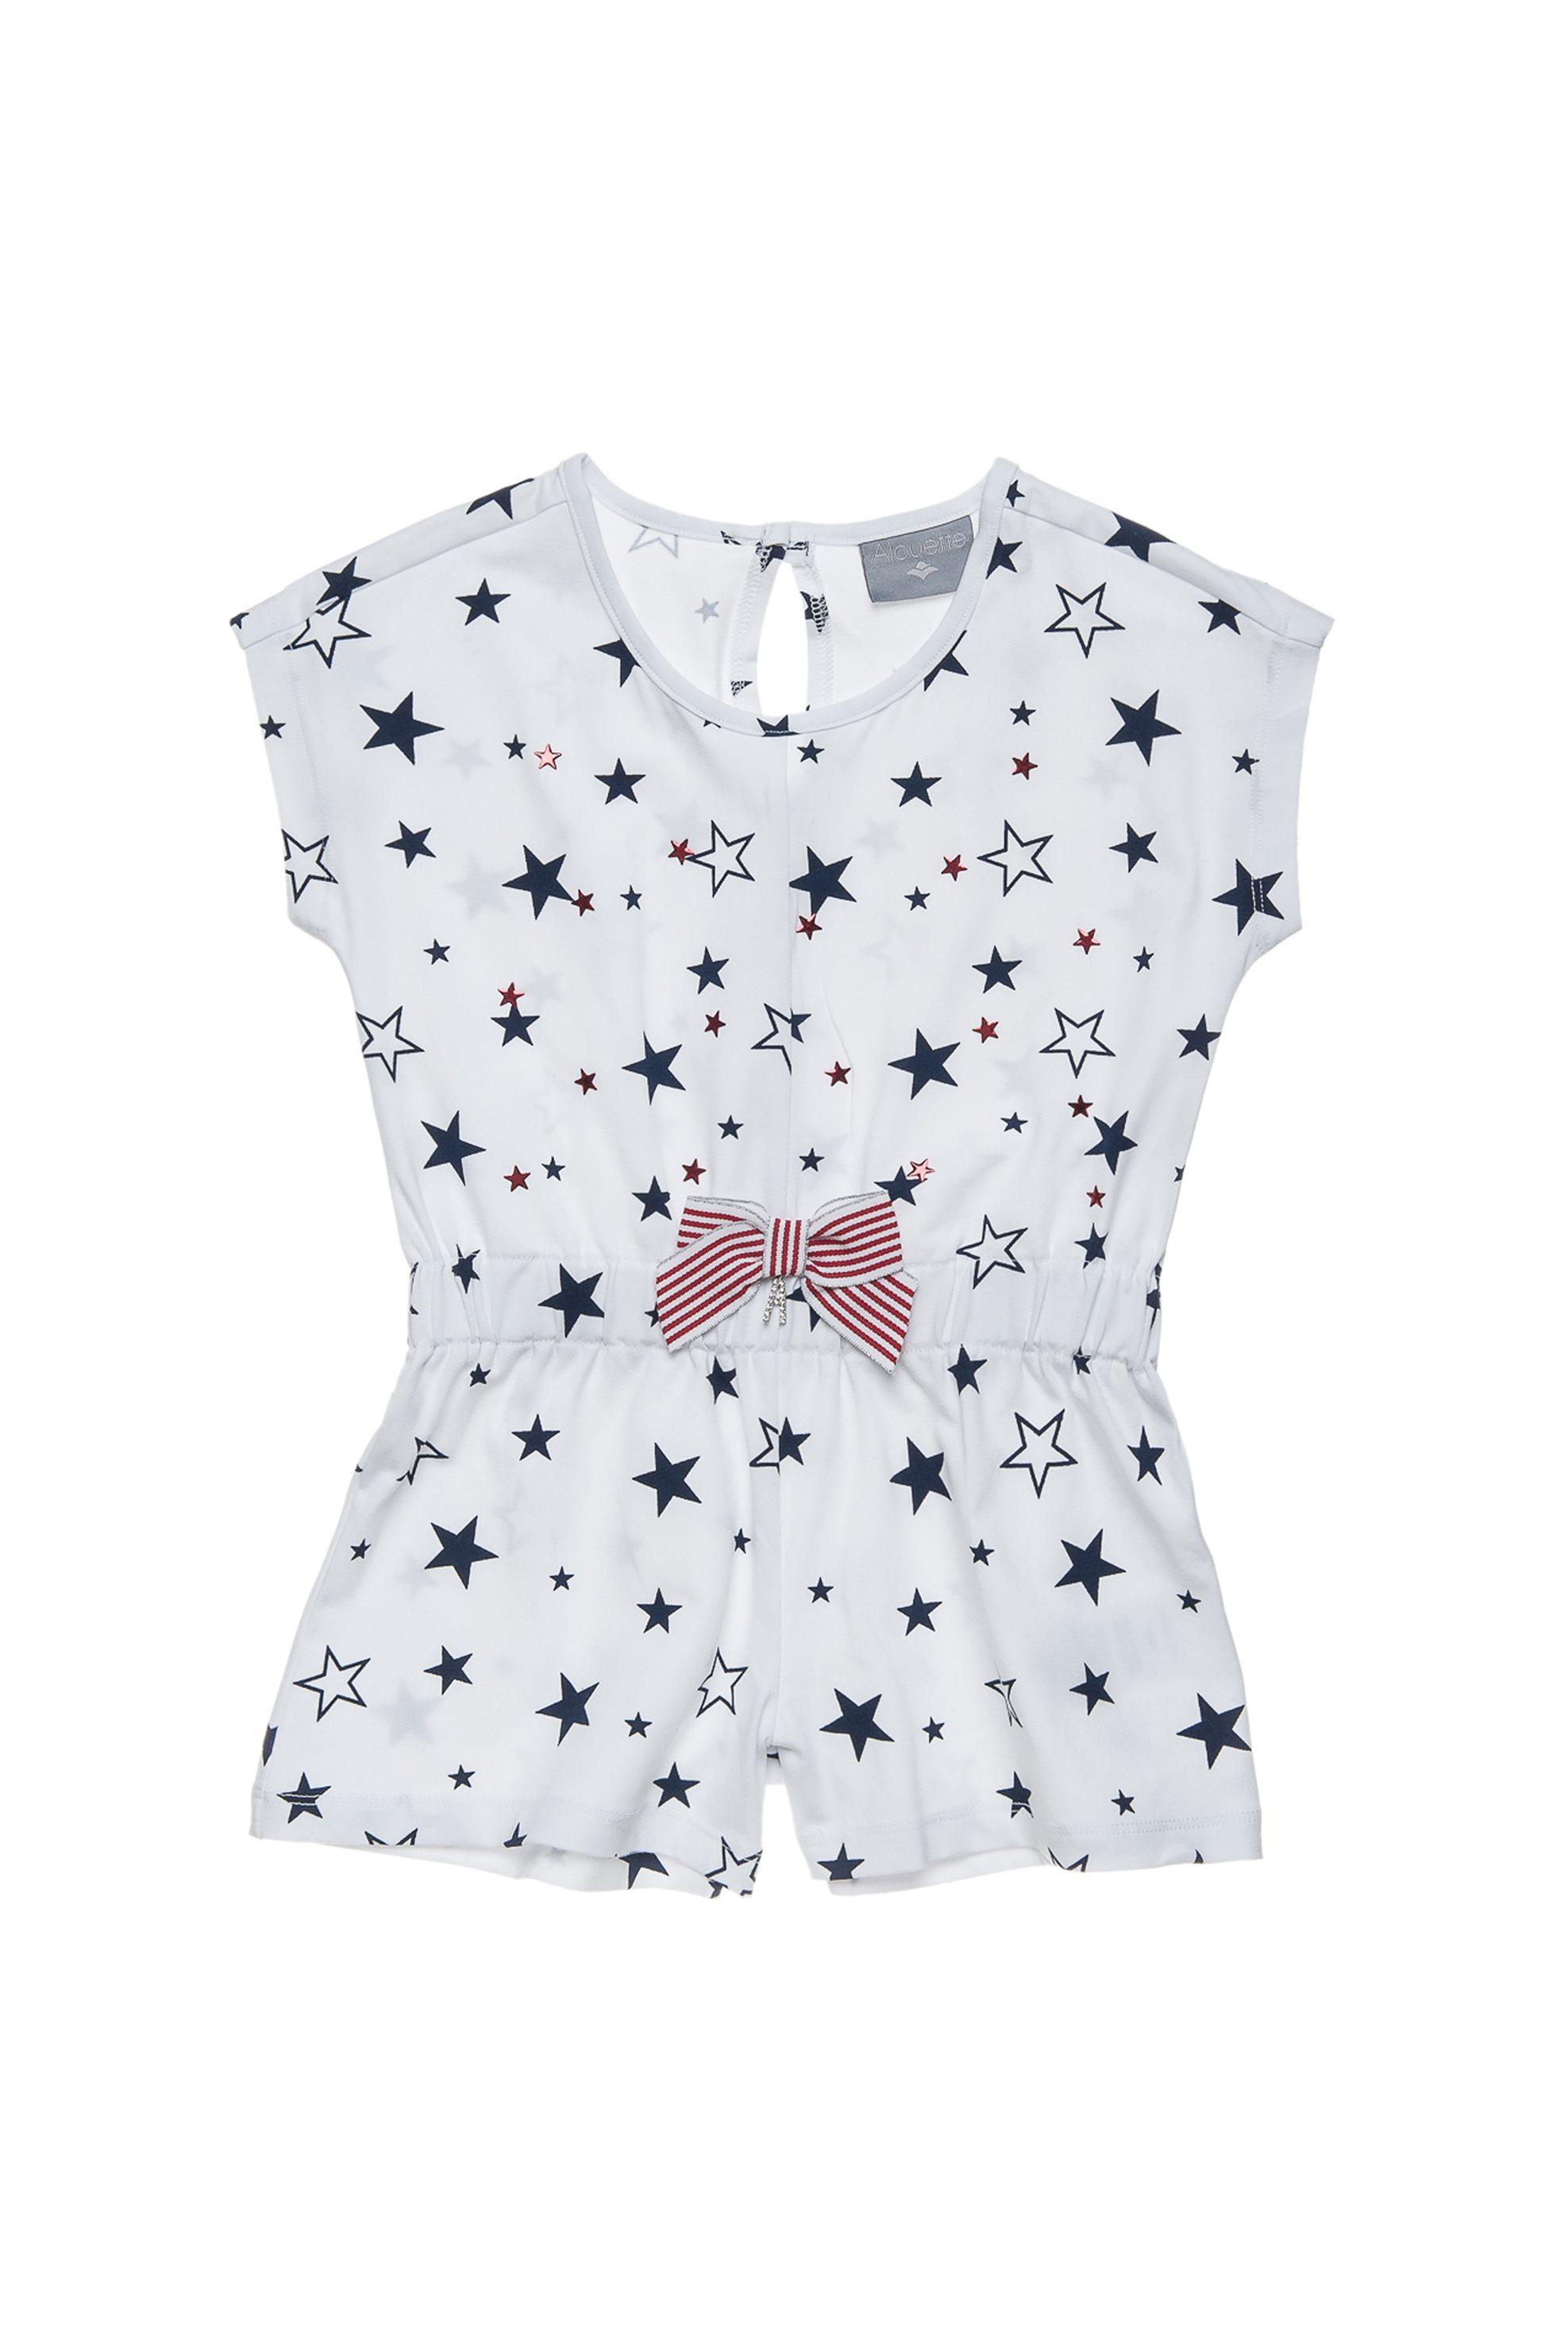 Παιδική σαλοπέτα με print αστέρια Alouette - 00211785 - Λευκό παιδι   κοριτσι   4 14 ετων   tops   παντελόνια   σαλοπέτες